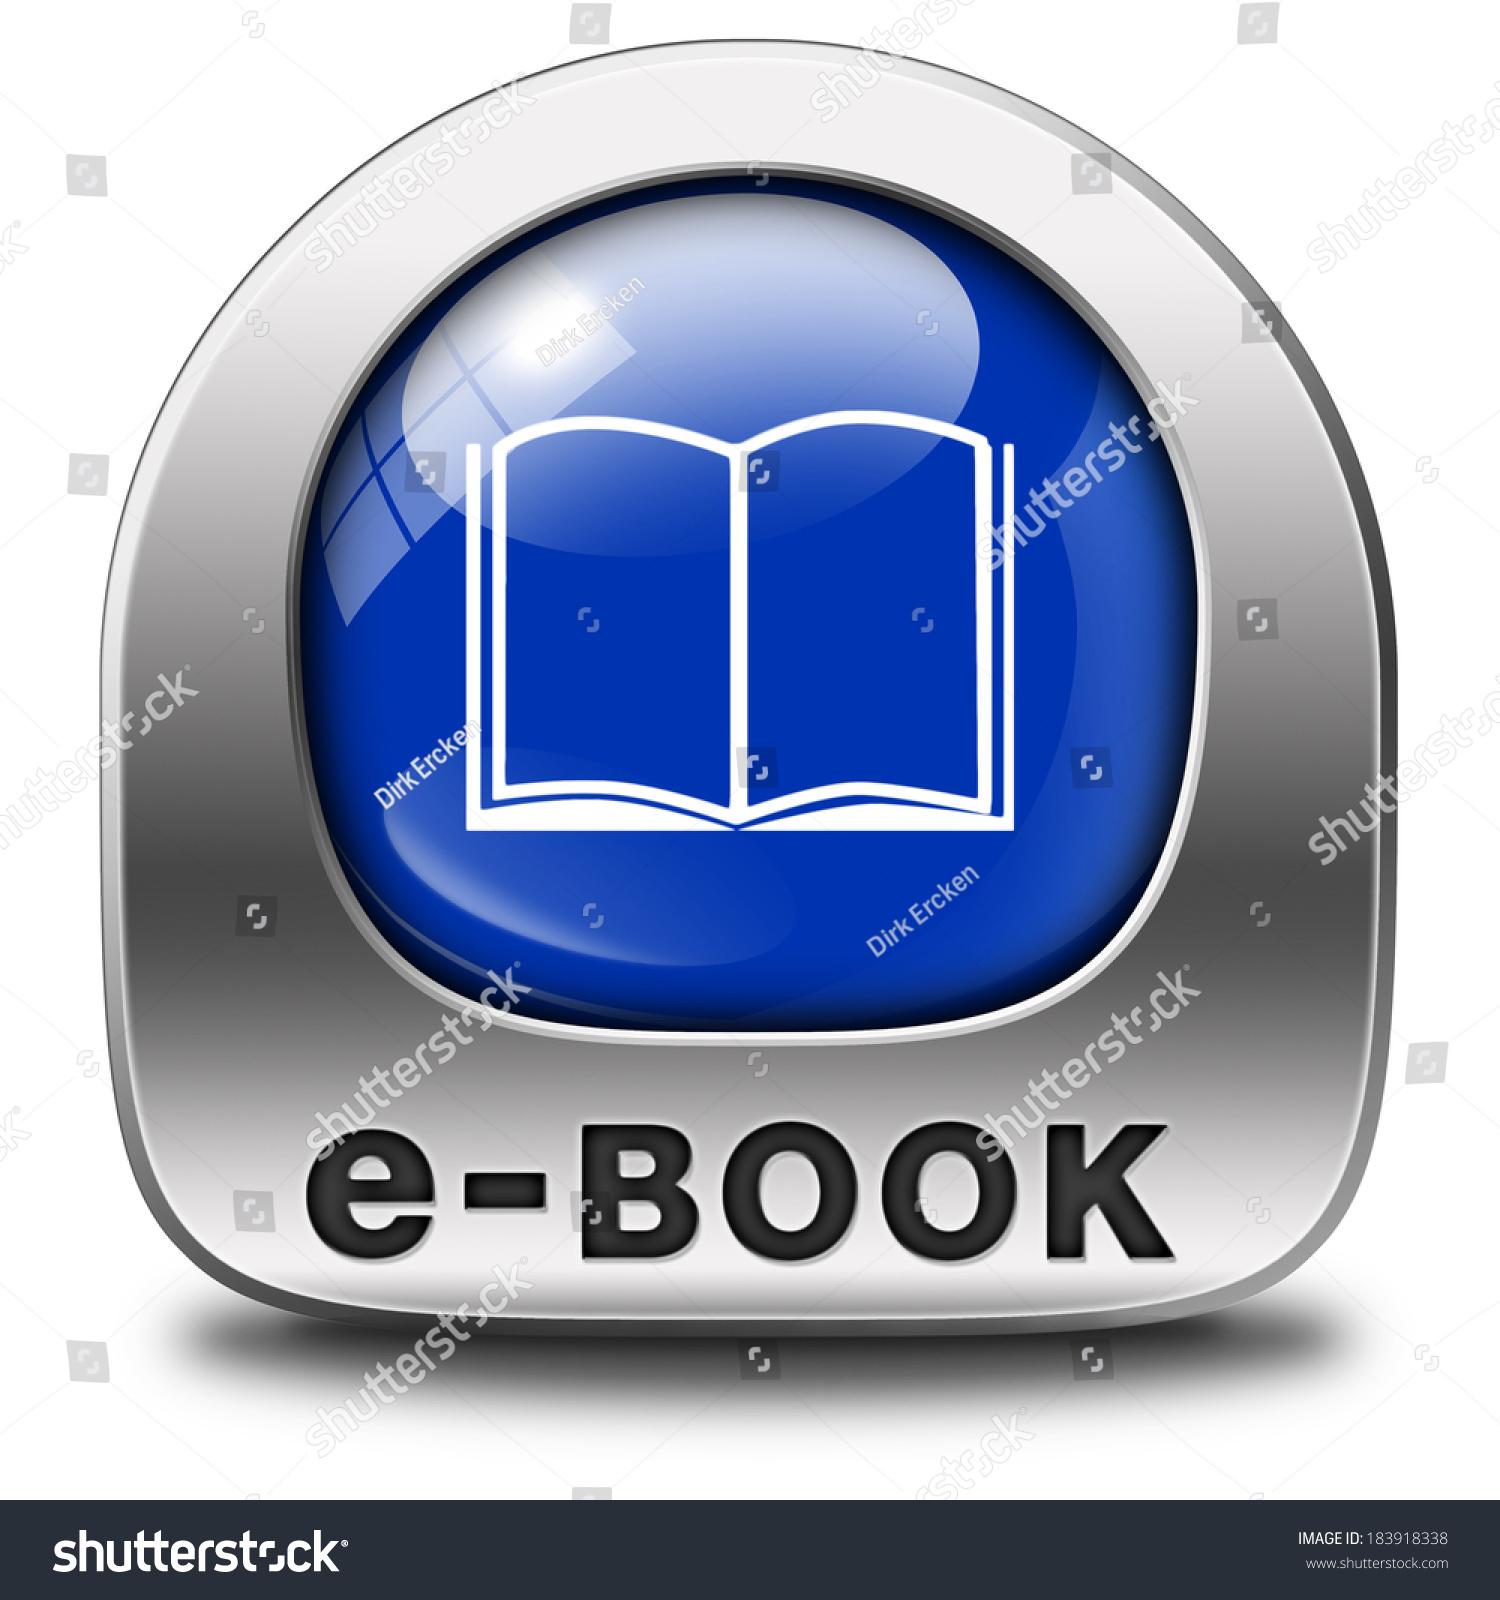 download die bedeutung des börsenkurses bei der abfindung von minderheitsaktionären gem § 305 aktg eine kritische auseinandersetzung